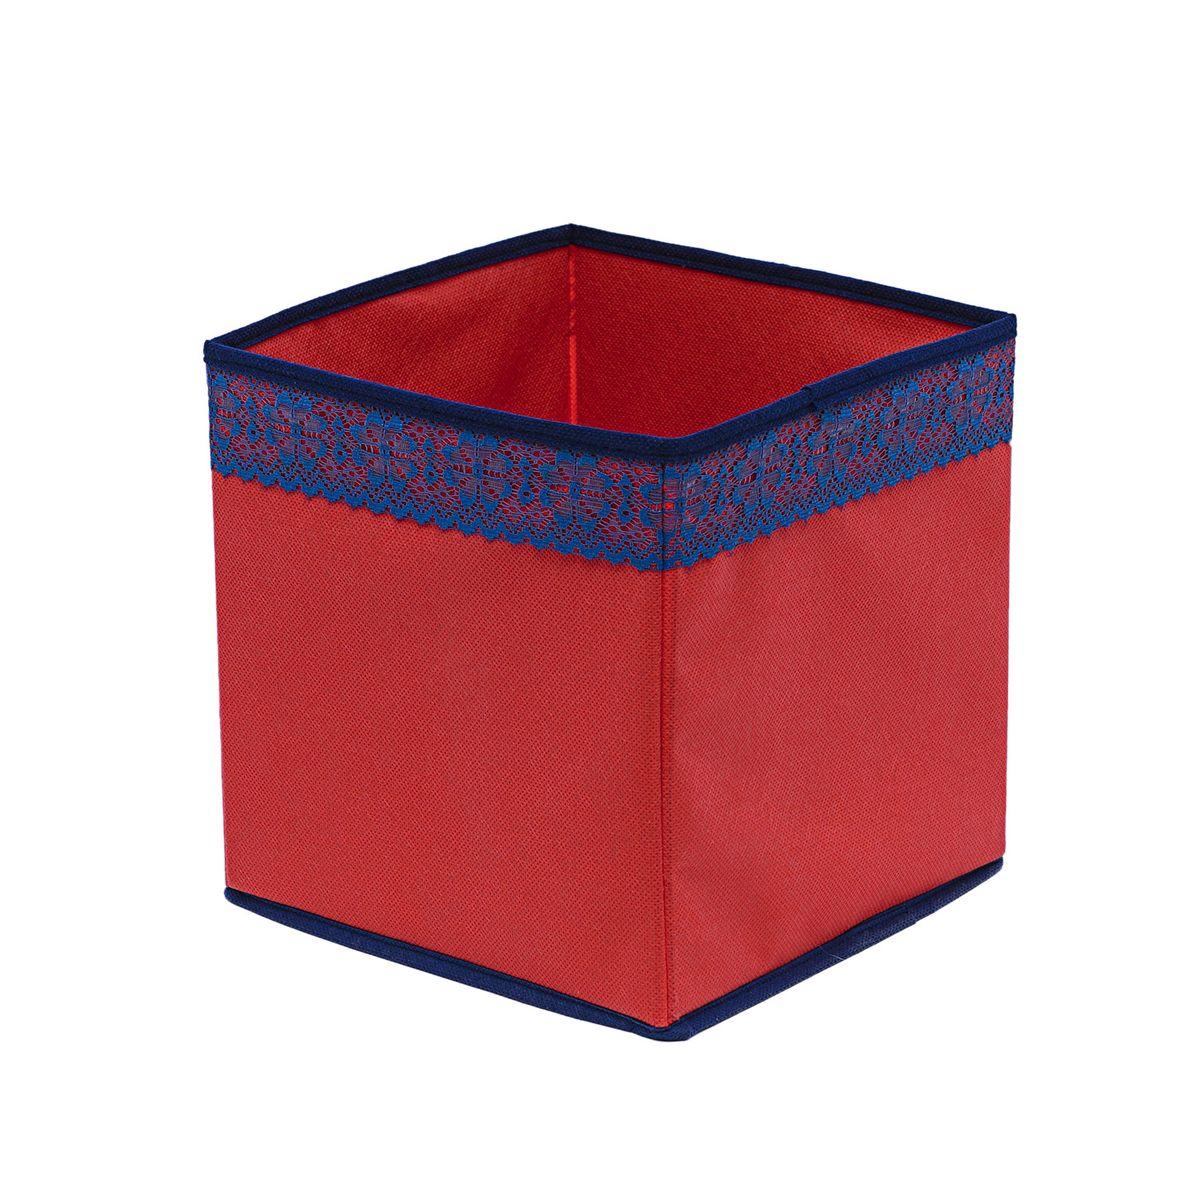 Кофр для хранения Homsu Rosso, 22 х 22 х 22 смTD 0033Кофр для хранения Homsu Rosso изготовлен из высококачественного нетканого полотна и декорирован вставкой из кружева. Кофр имеет одно большое отделение, где вы можете хранить различные бытовые вещи, нижнее белье, одежду и многое другое. Вставки из картона обеспечивают прочность конструкции. Стильный принт, модный цвет и качество исполнения сделают такой кофр незаменимым для хранения ваших вещей.